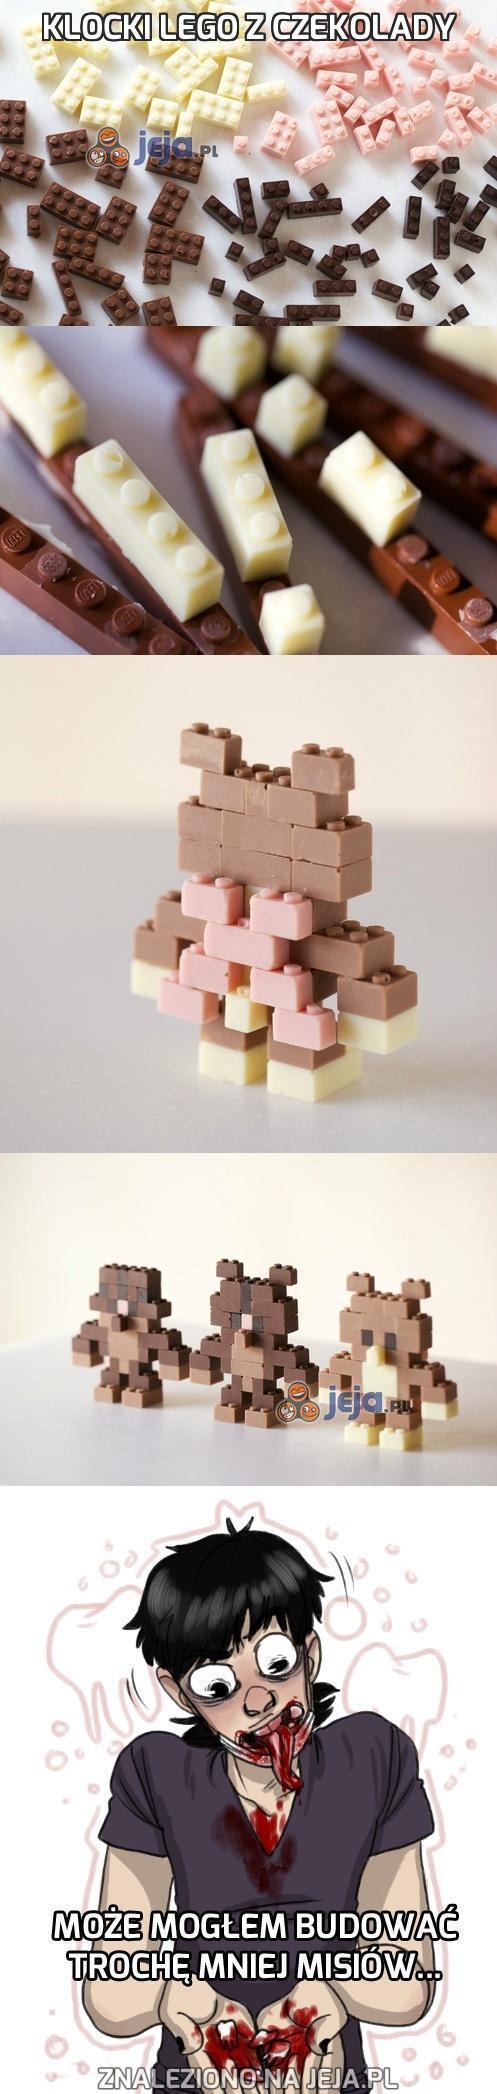 Klocki Lego z czekolady